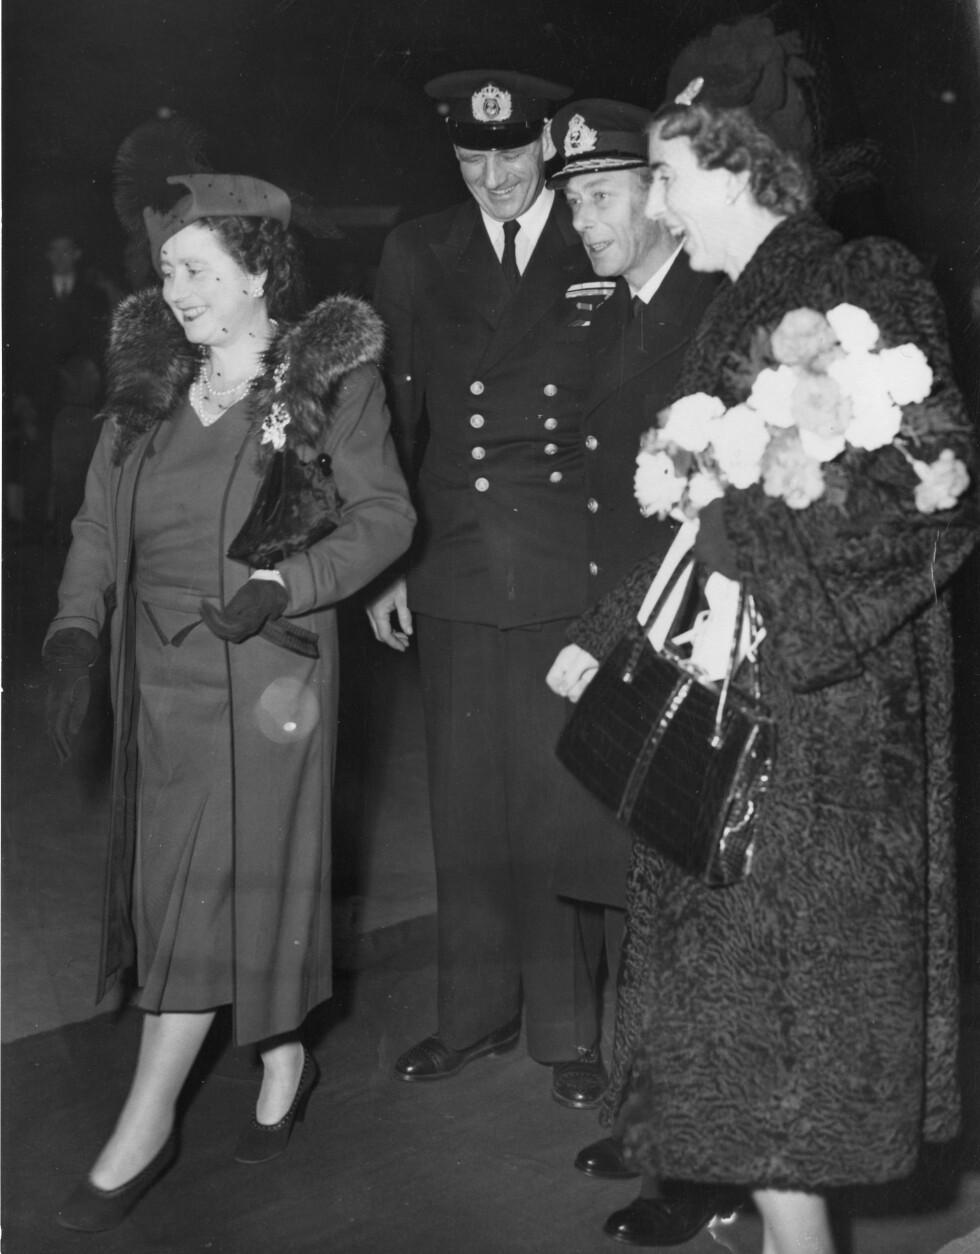 KONGELIGE GJESTER: Kong Frederick IX av Danmark og hans kone dronning Ingrid ble tatt imot av det britiske kongeparet. Foto: NTB Scanpix